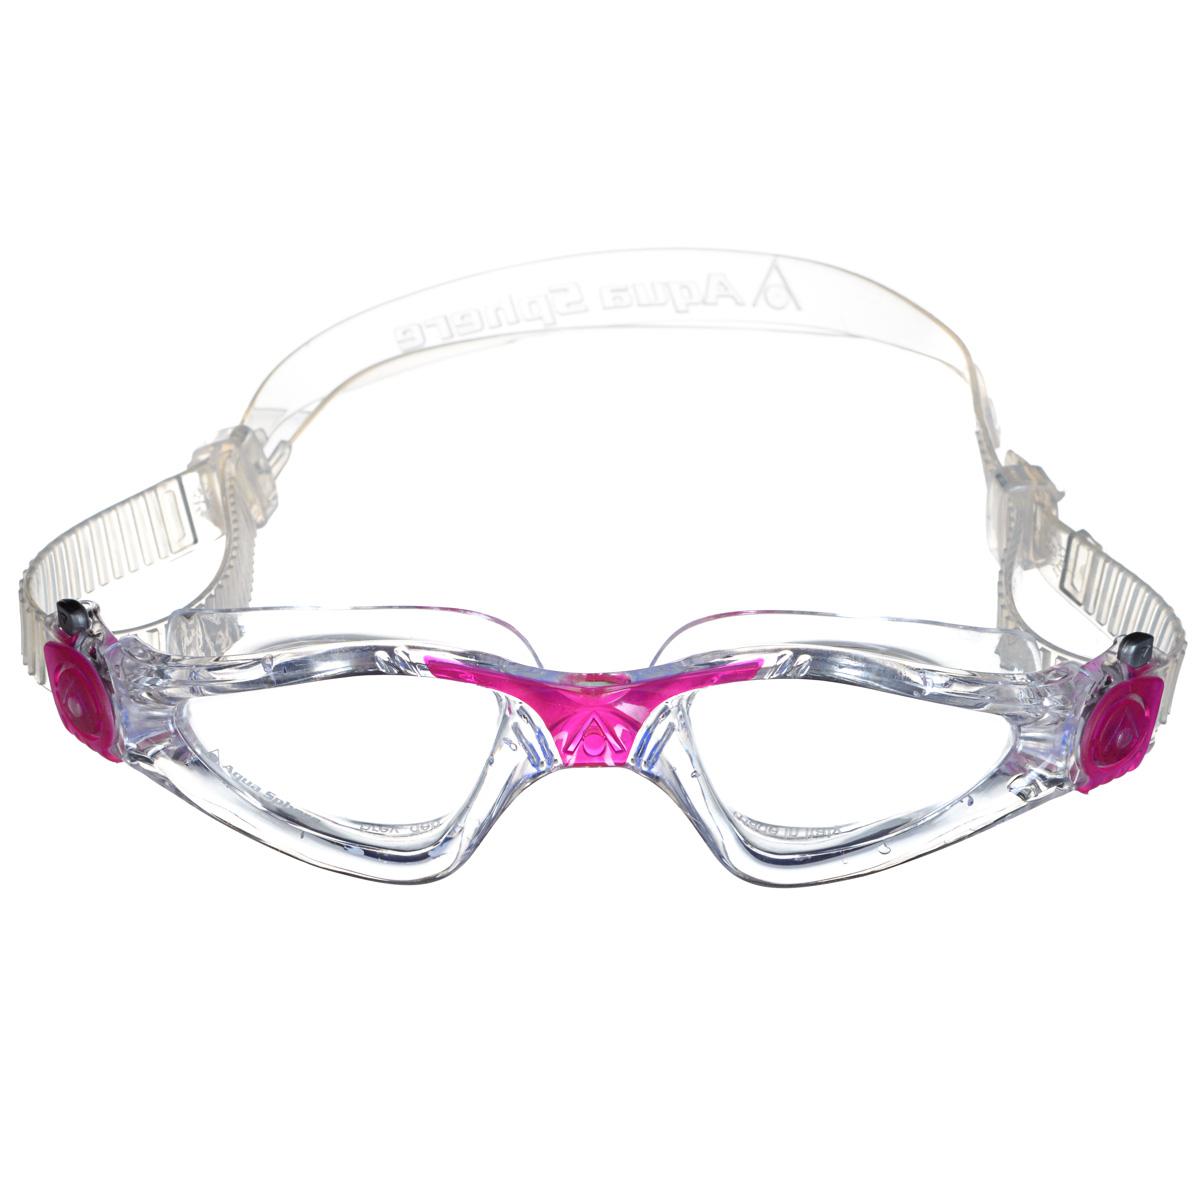 Очки для плавания Aqua Sphere Kayenne Lady, цвет: прозрачный, розовыйM0411 04 0 11WМодные и стильные очки для плавания Aqua Sphere Kayenne Lady идеально подходят для плавания в бассейне или открытой воде. Оснащены линзами с антизапотевающим покрытием, которые устойчивы к появлению царапин. Мягкий комфортный обтюратор плотно прилегает к лицу.Запатентованные изогнутые линзы дают прекрасный обзор на 180° - без искажений. Рамка имеет гидродинамическую форму. Очки оснащены удобными быстрорегулируемыми пряжками.Материал: софтерил, plexisol.